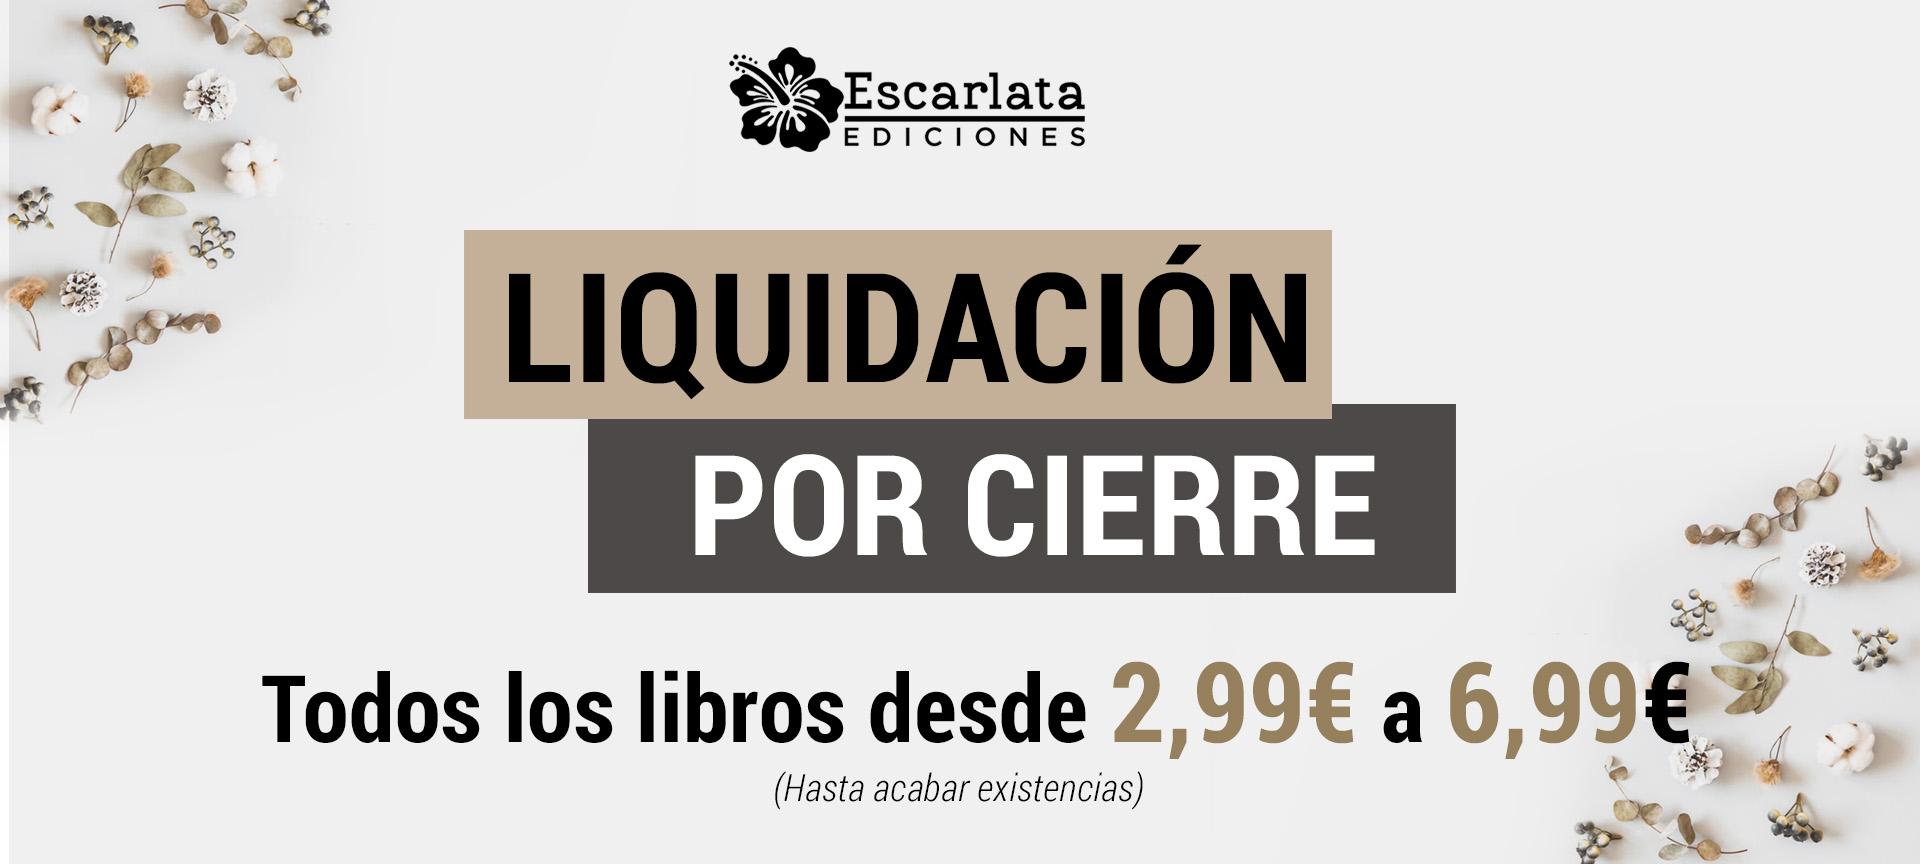 Escarlata ediciones liquidación por cierre